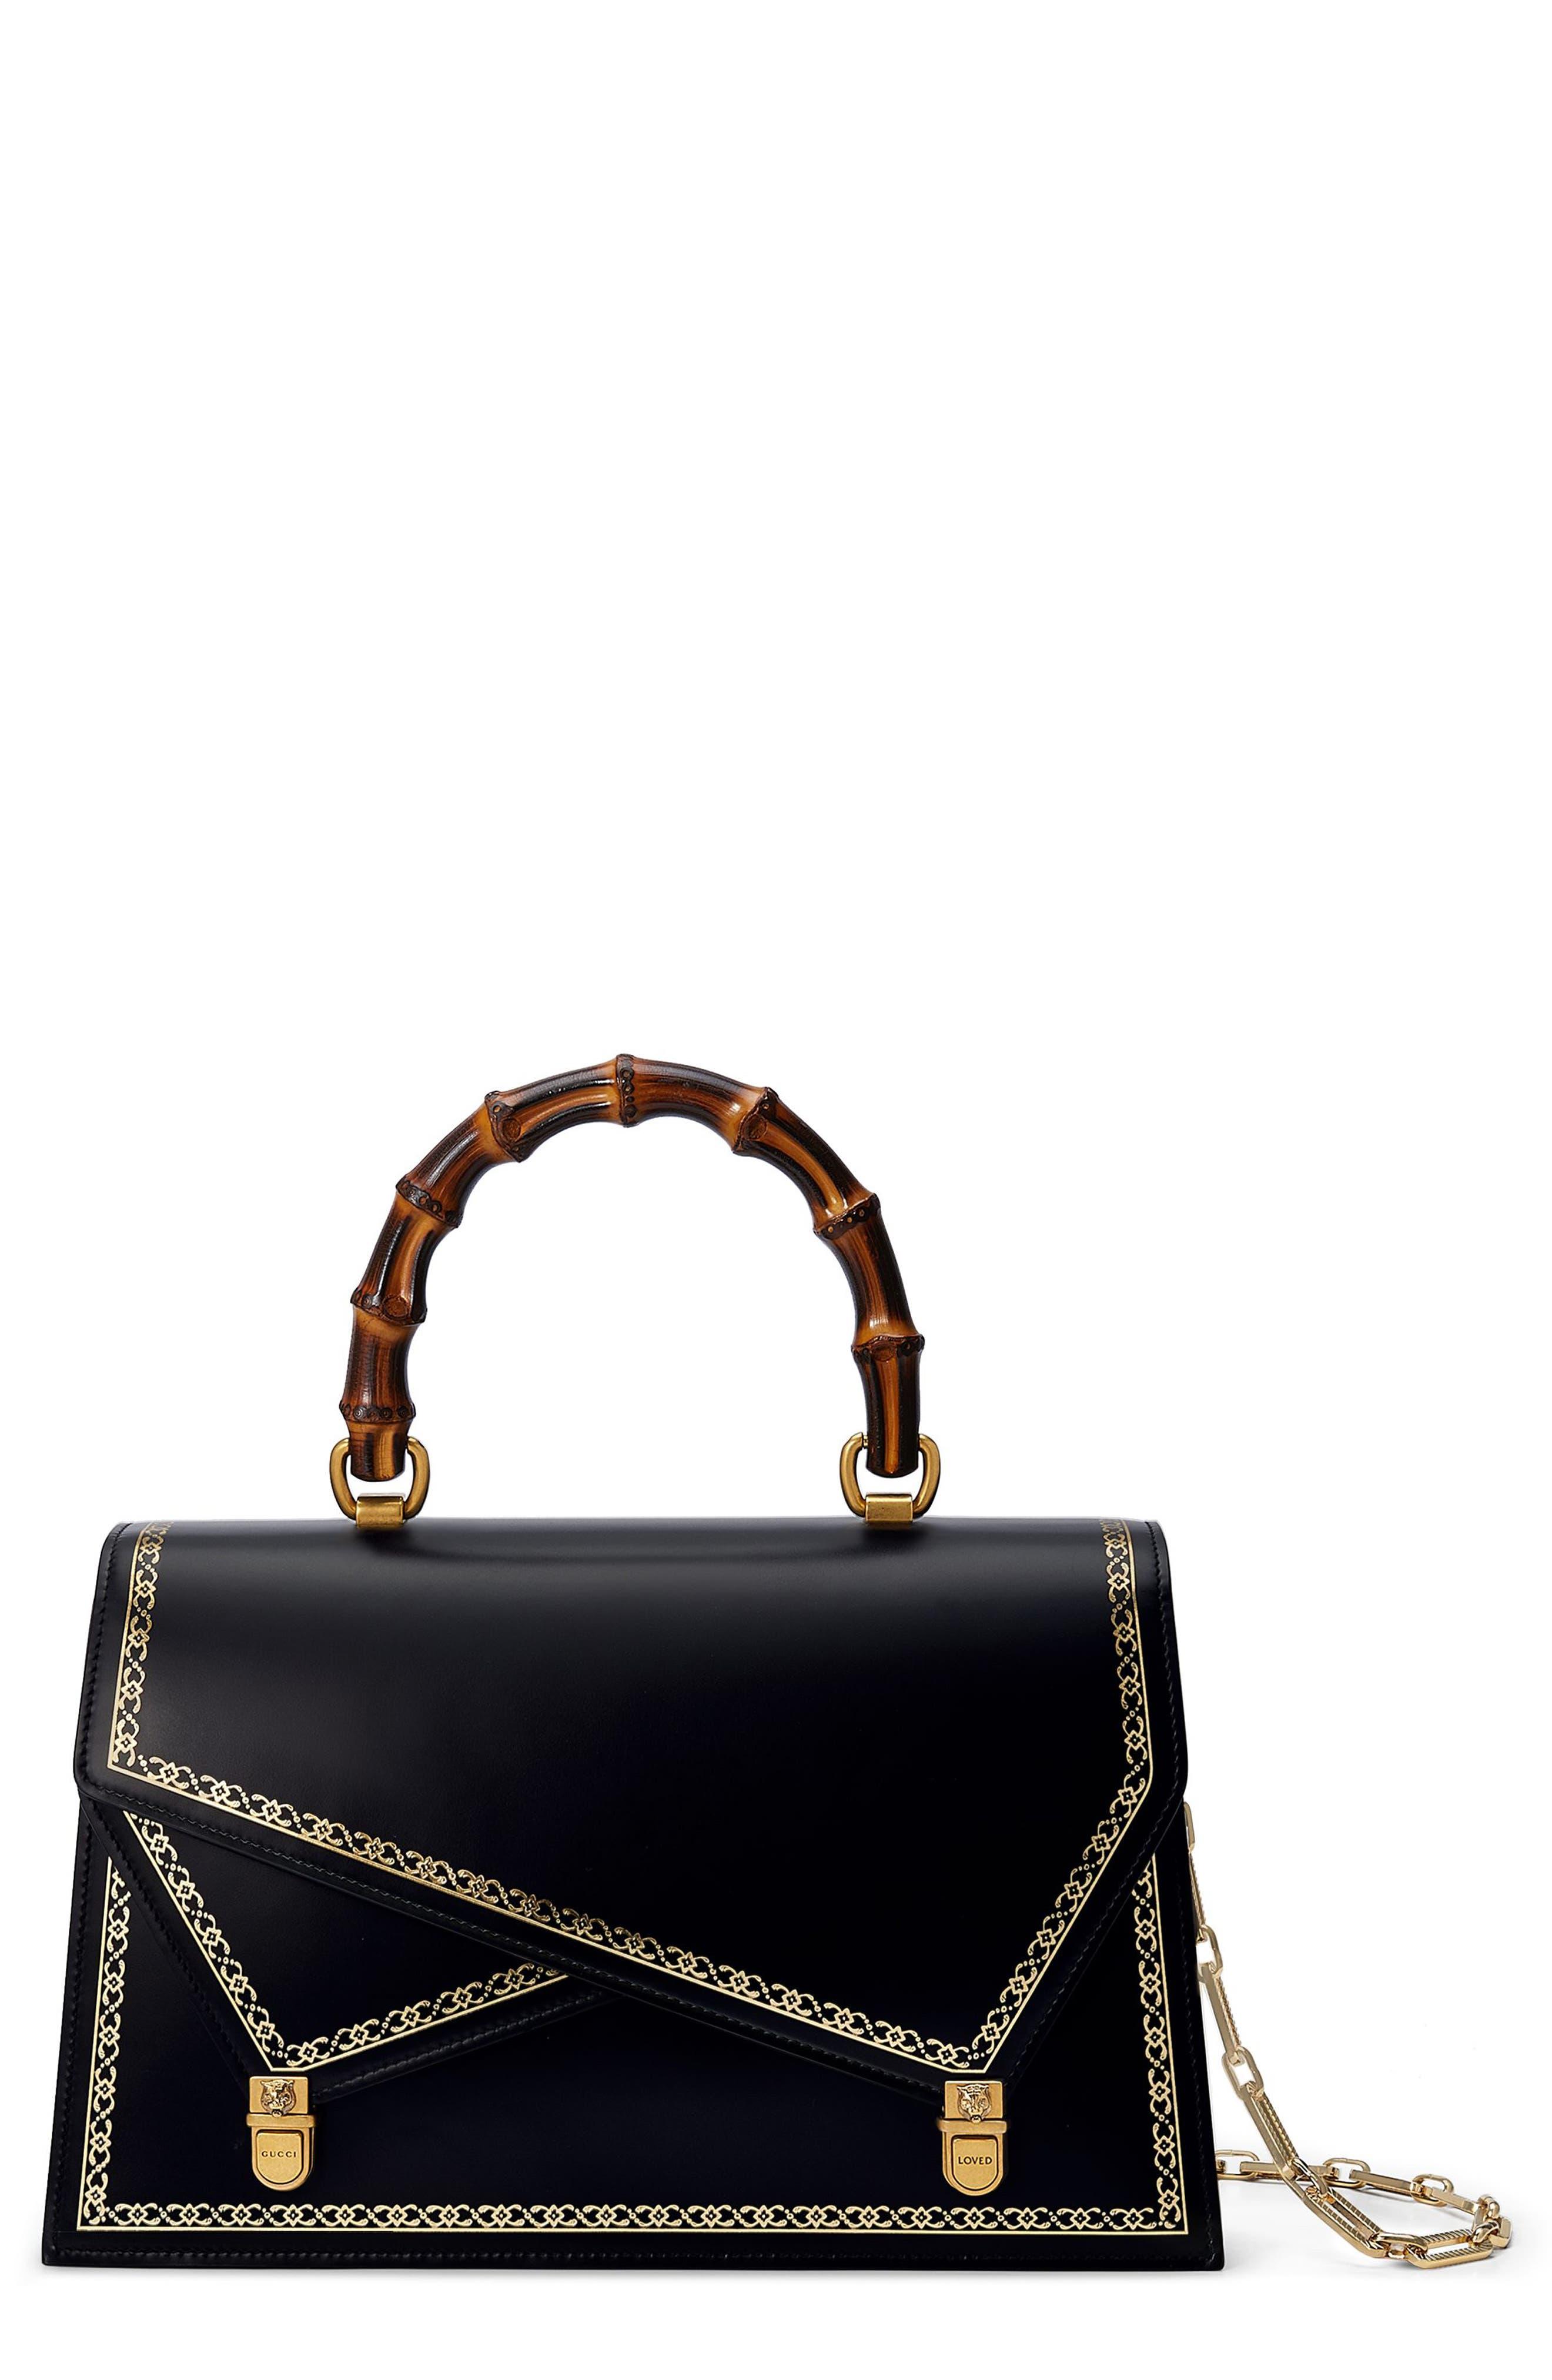 Linea P Border Leather Double Flap Top Handle Satchel,                             Main thumbnail 1, color,                             Nero